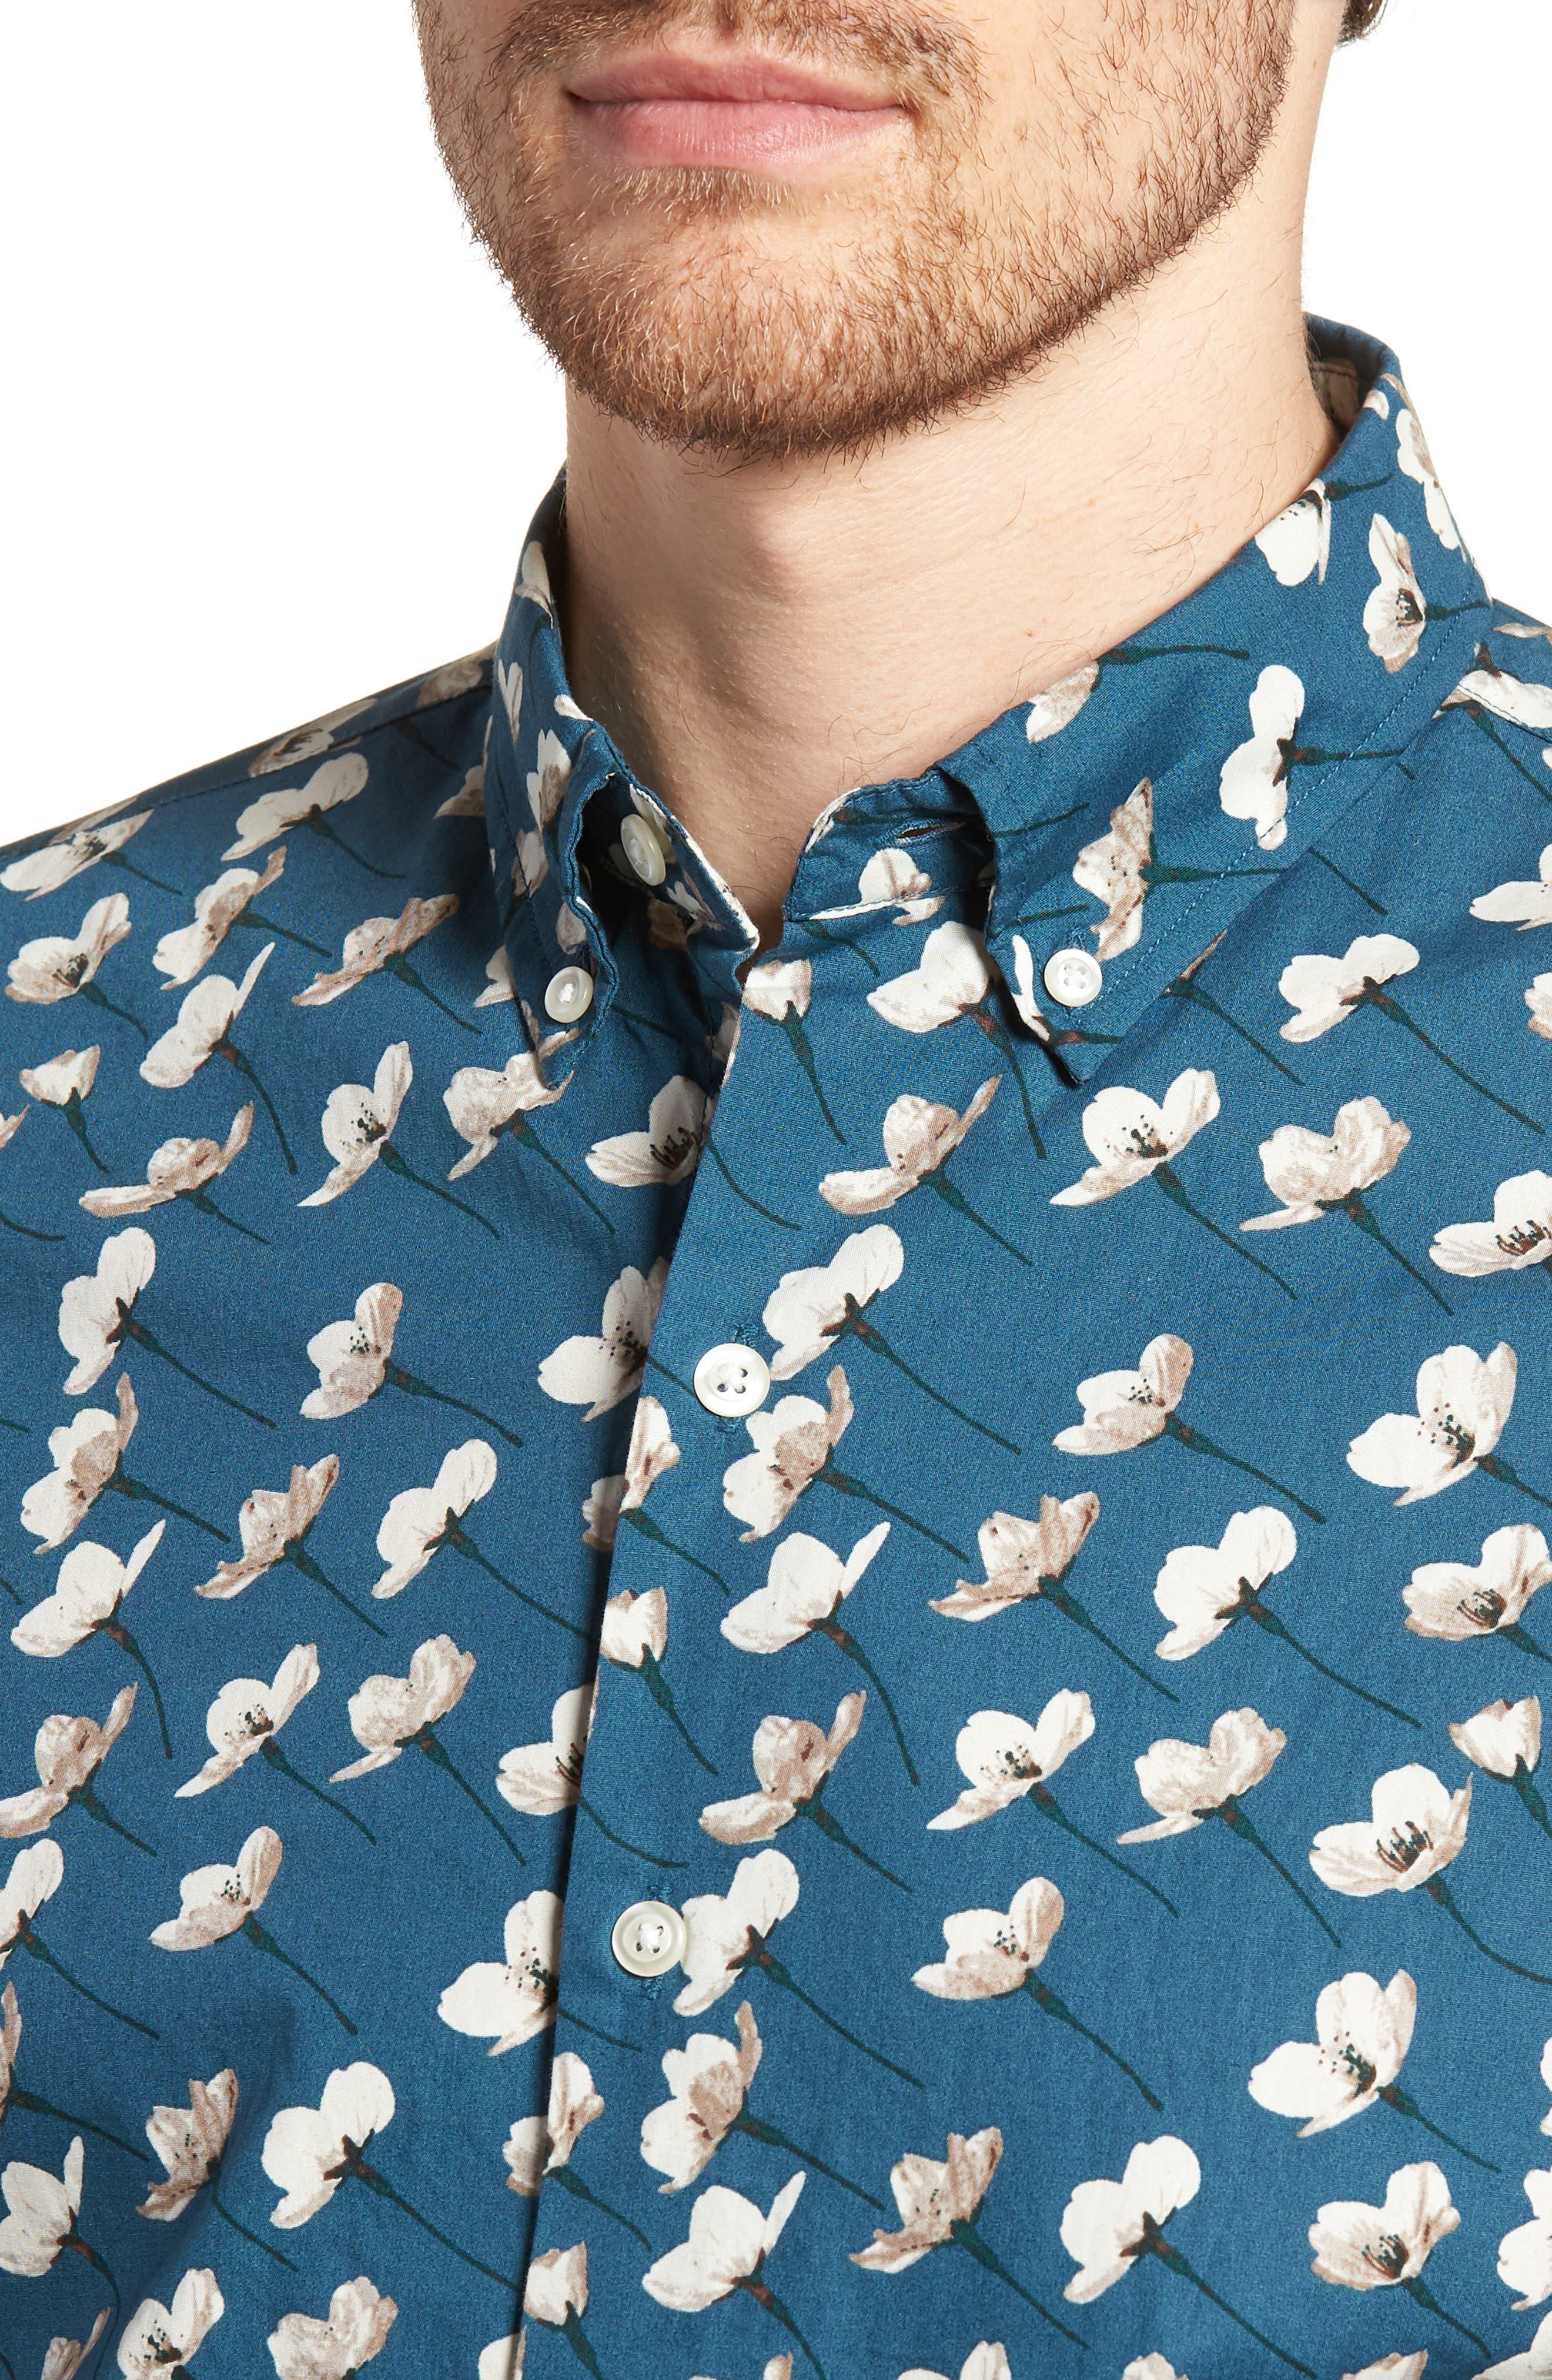 Riviera Slim Fit Cherry Blossom Print Sport Shirt,                             Alternate thumbnail 2, color,                             Cherry Blossoms-Stargazer